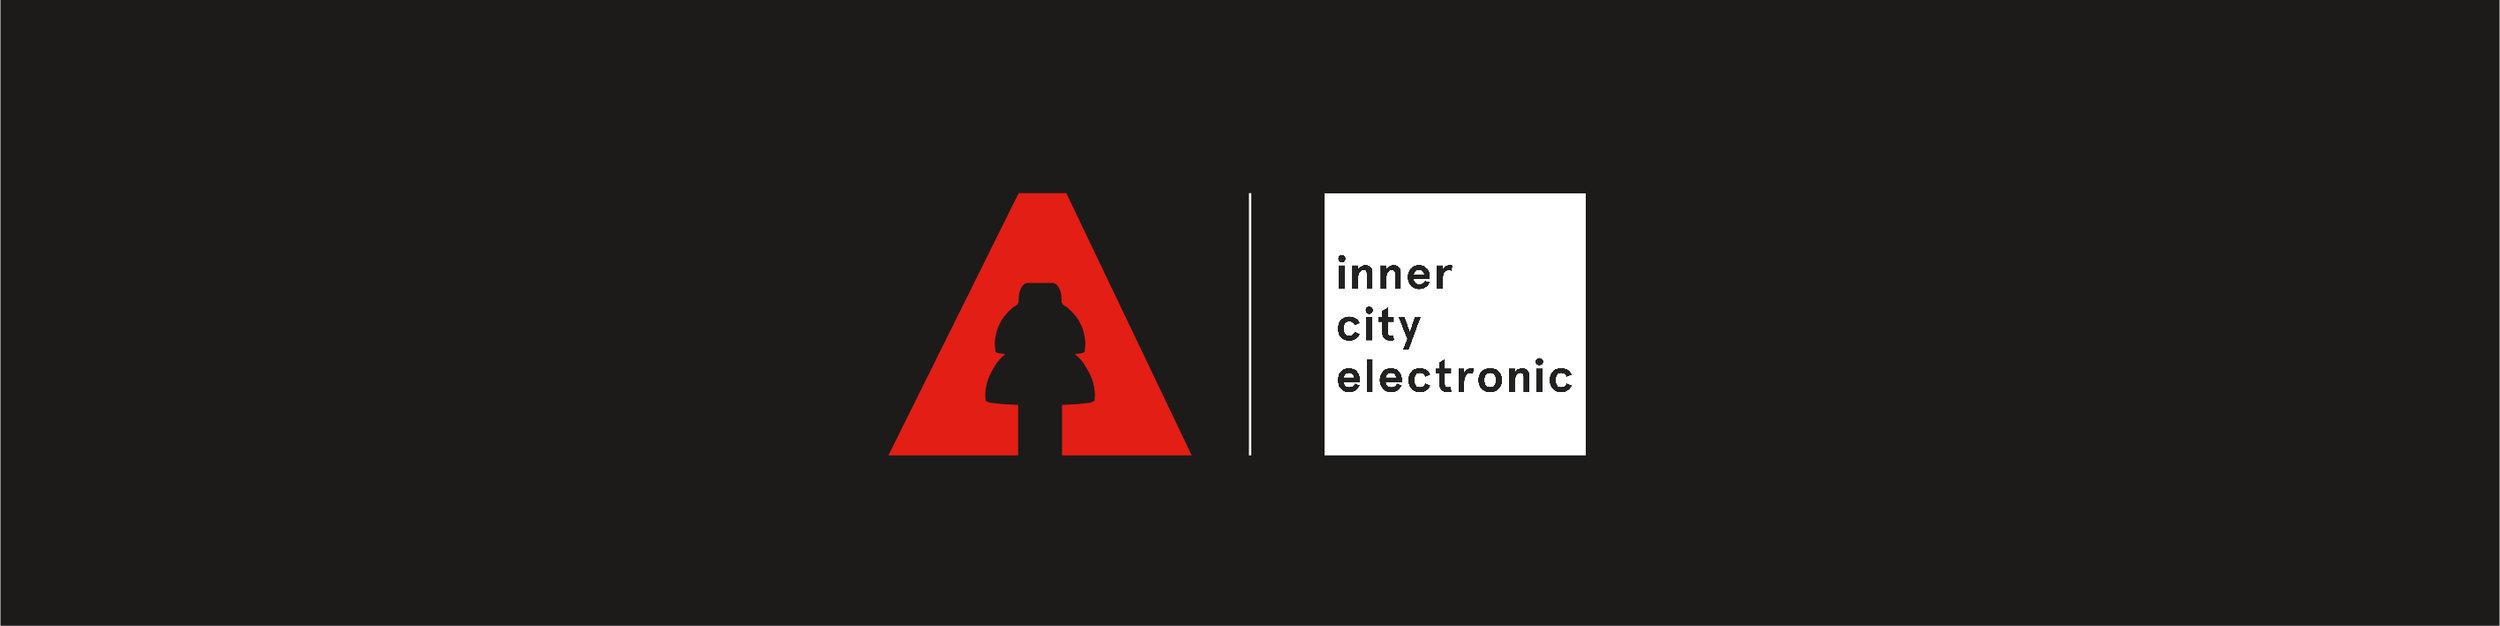 Reserve Form Inner City.jpg